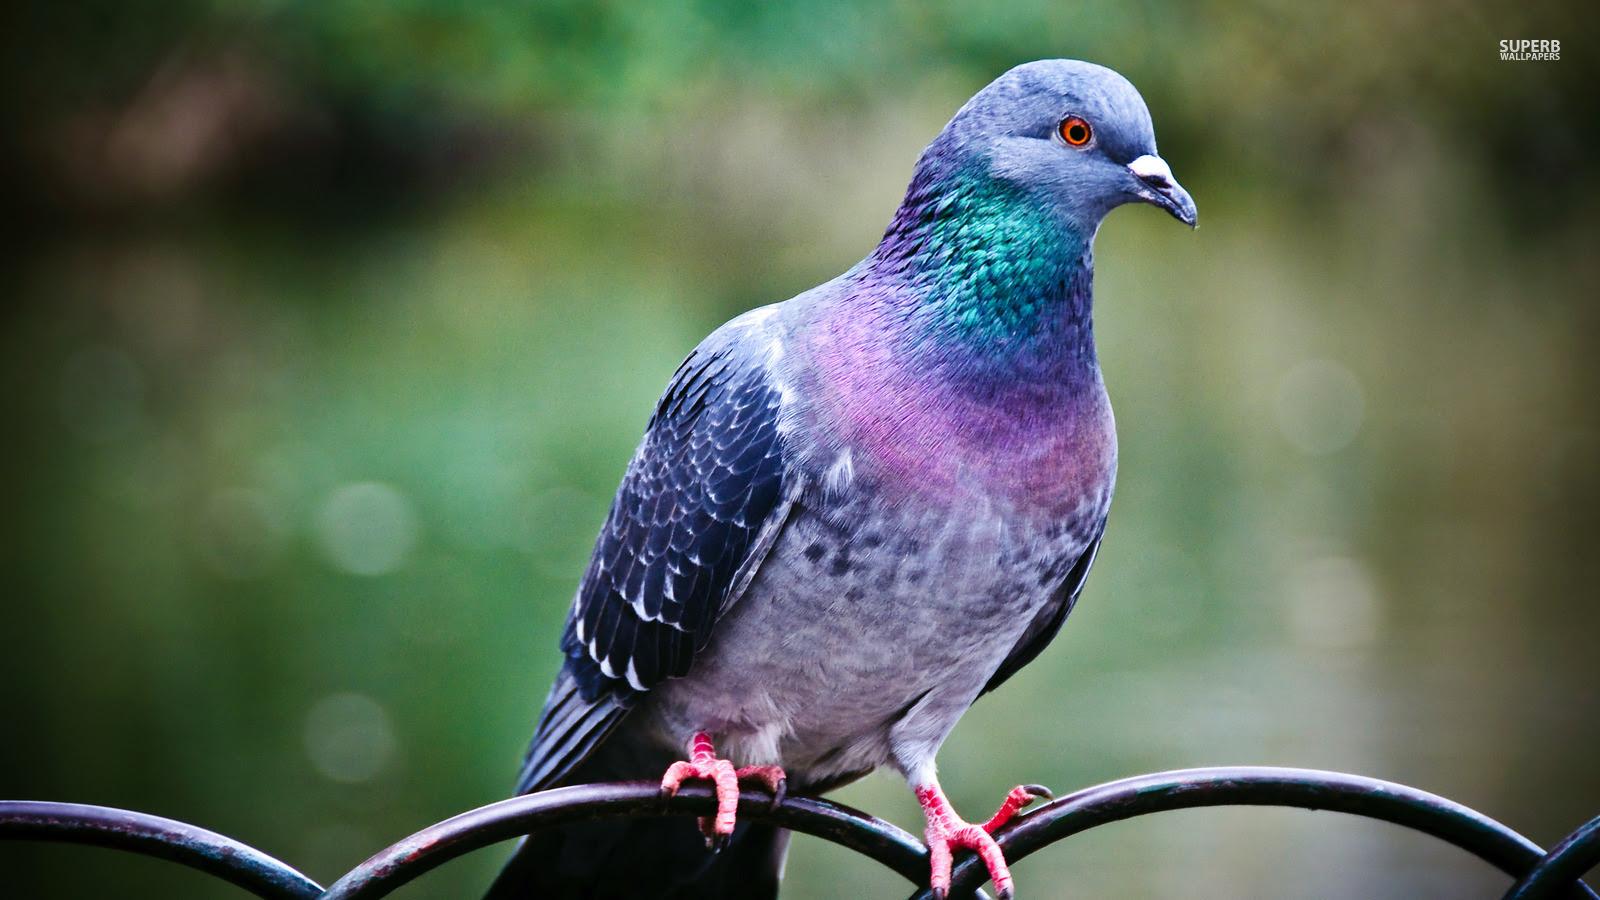 Download 100  Gambar Burung Merpati Membawa Surat  Paling Bagus Gratis